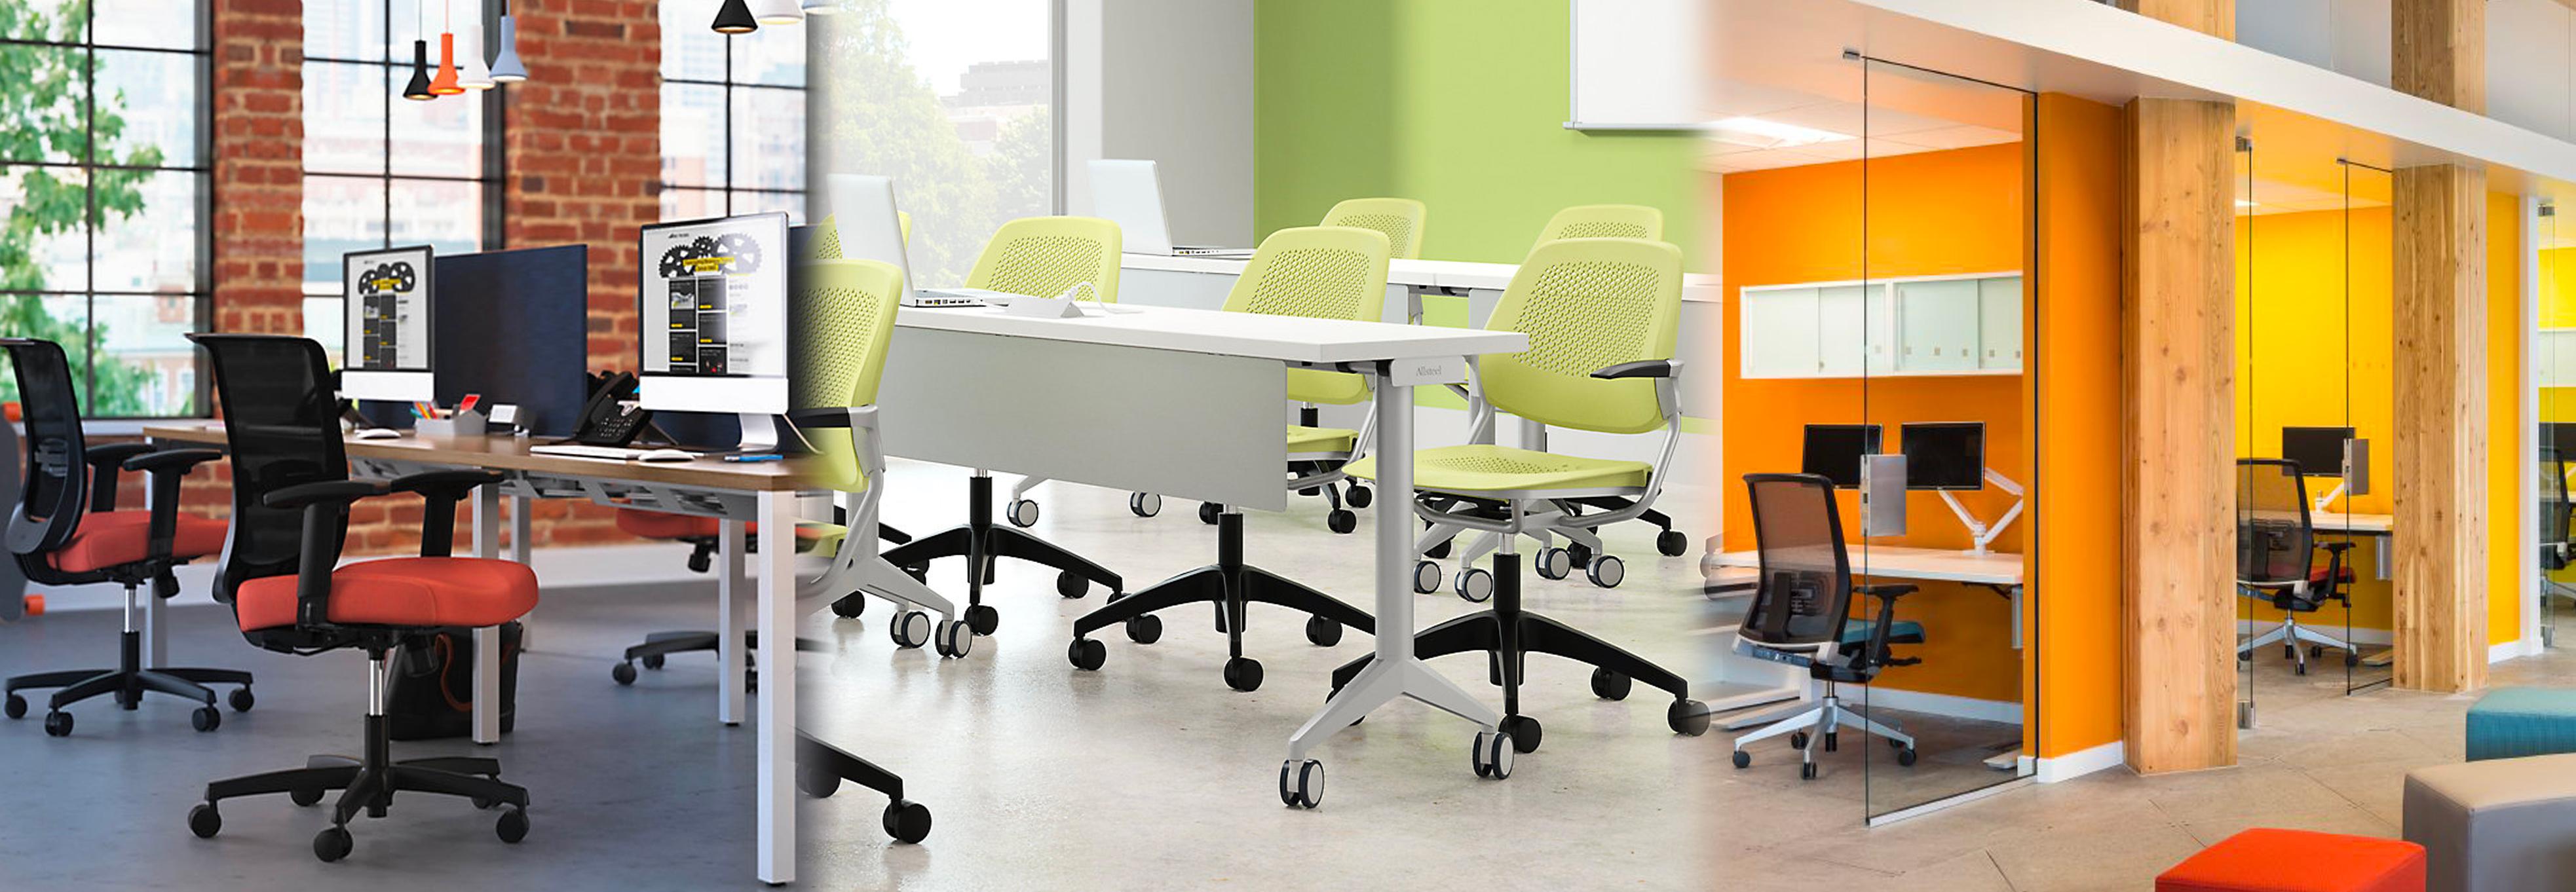 training workspace design austin